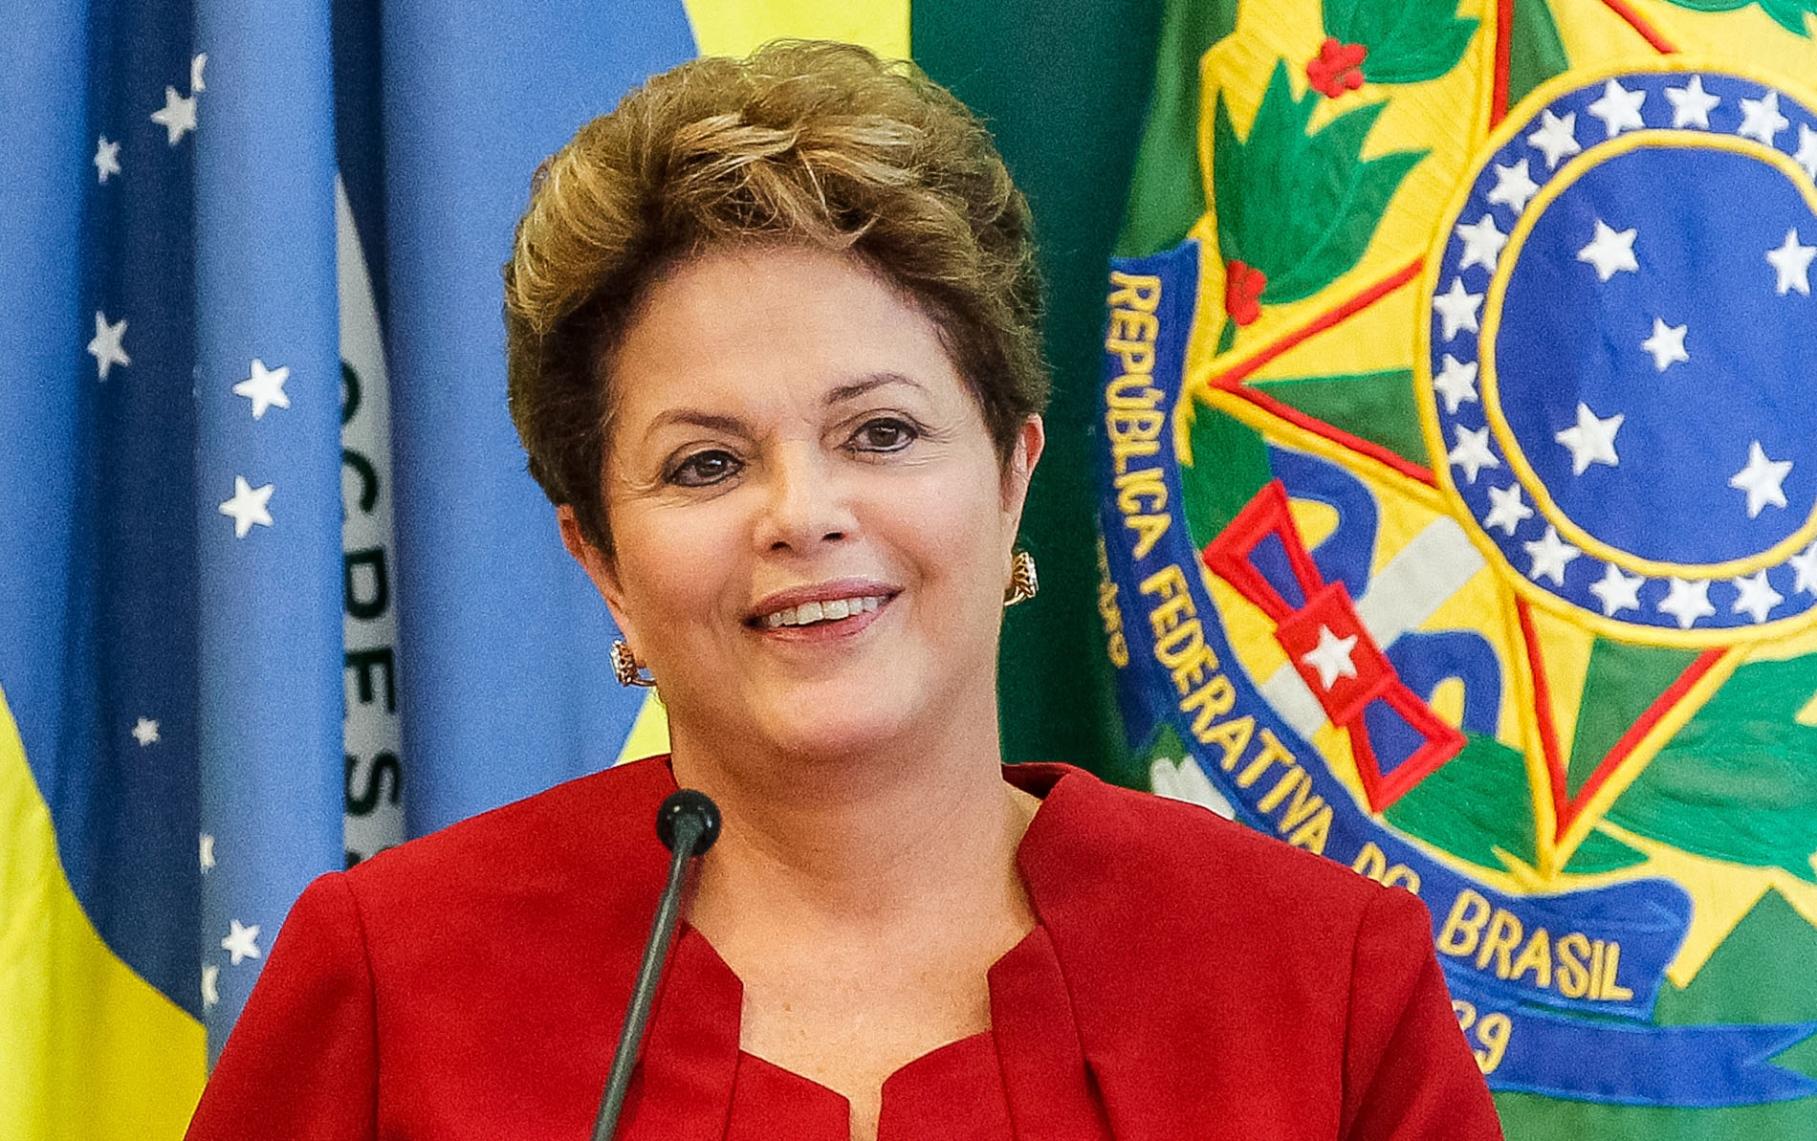 La presidenta brasileña sostiene que solo hay un sector ansioso de tomar el poder y no a través del voto popular.